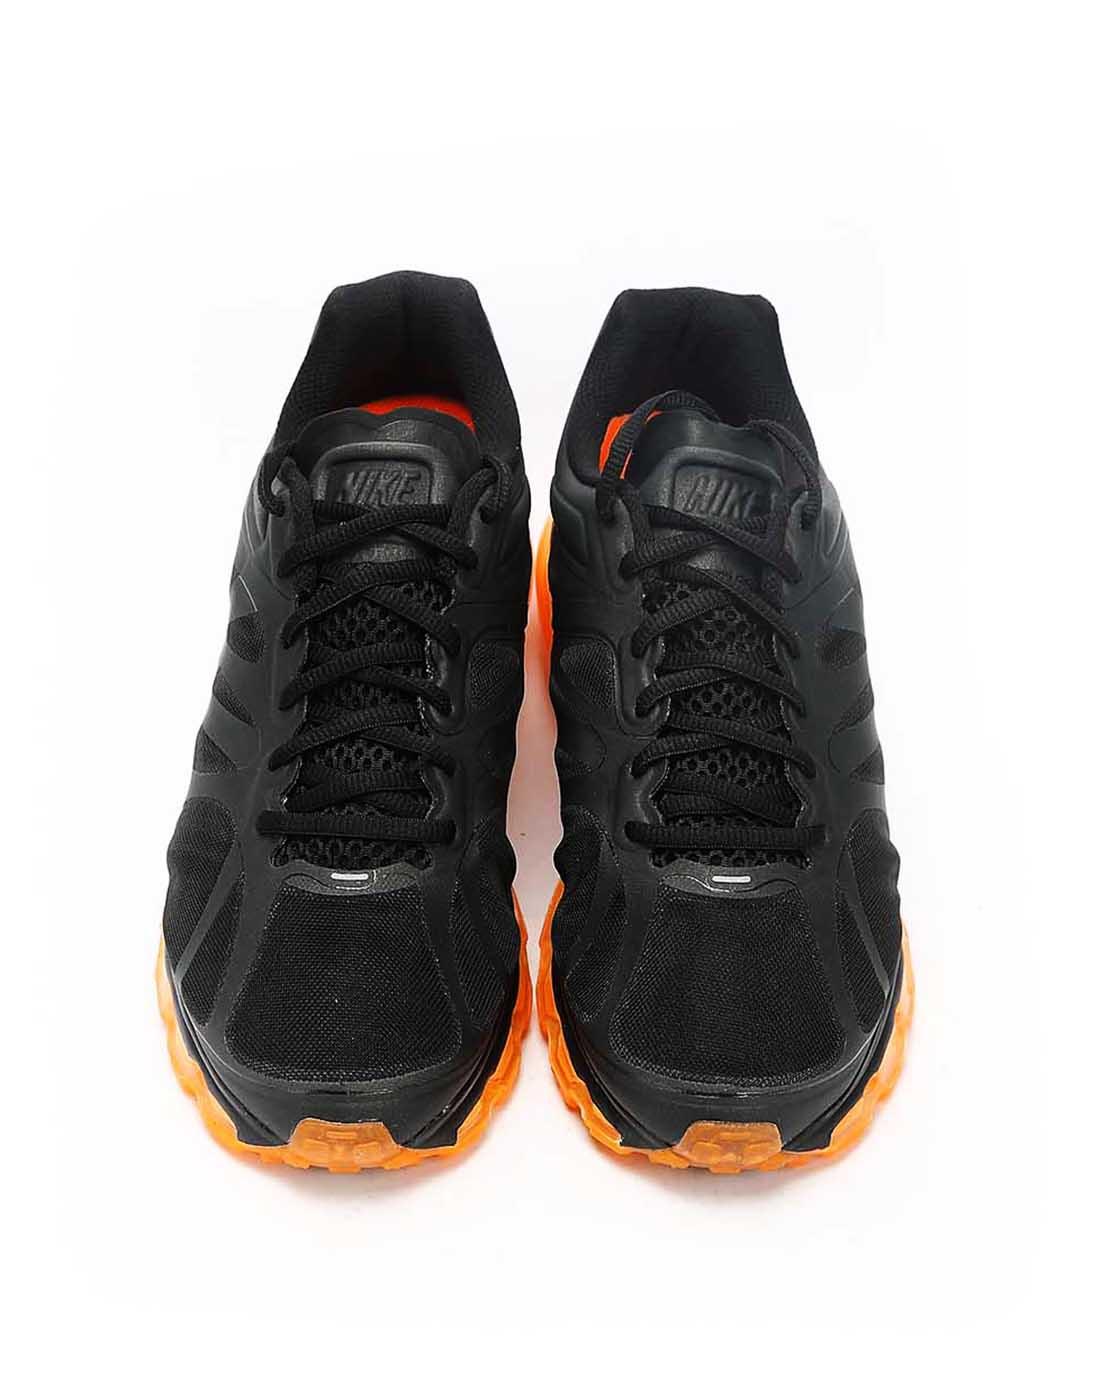 耐克/ 男子黑色跑步鞋价格(怎么样)